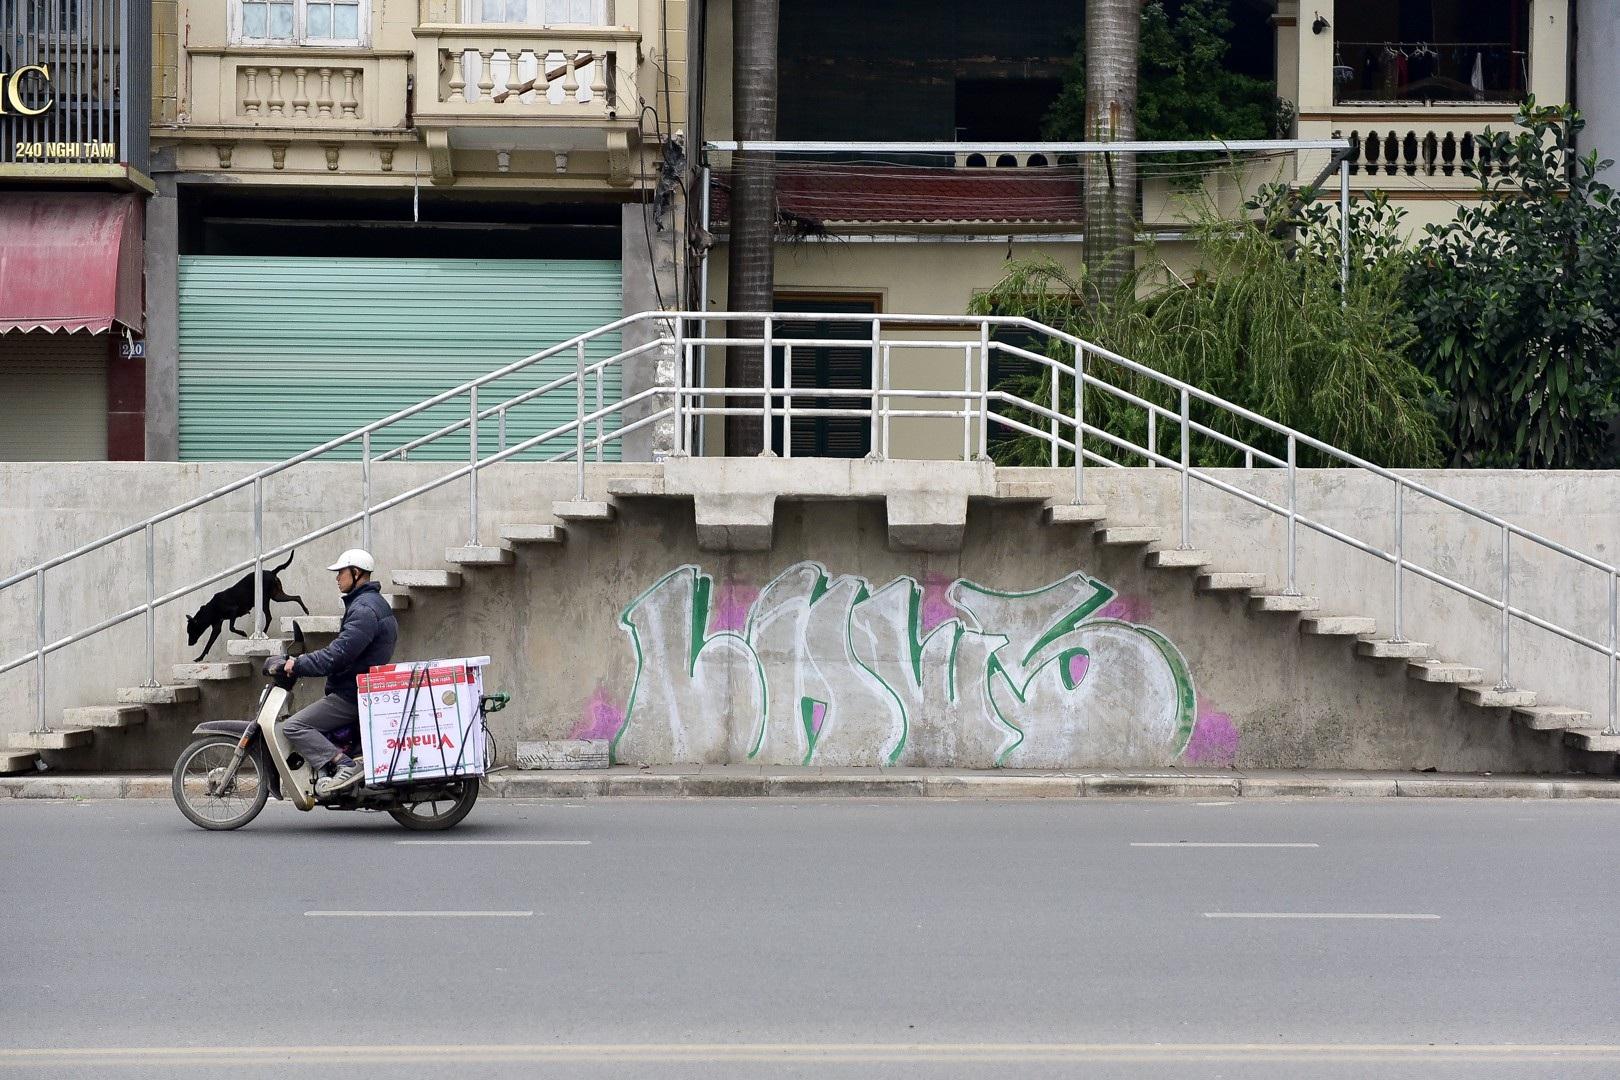 Vẽ graffiti kín tuyến đường tiền tỷ mới mở rộng ở Hà Nội - Ảnh 10.